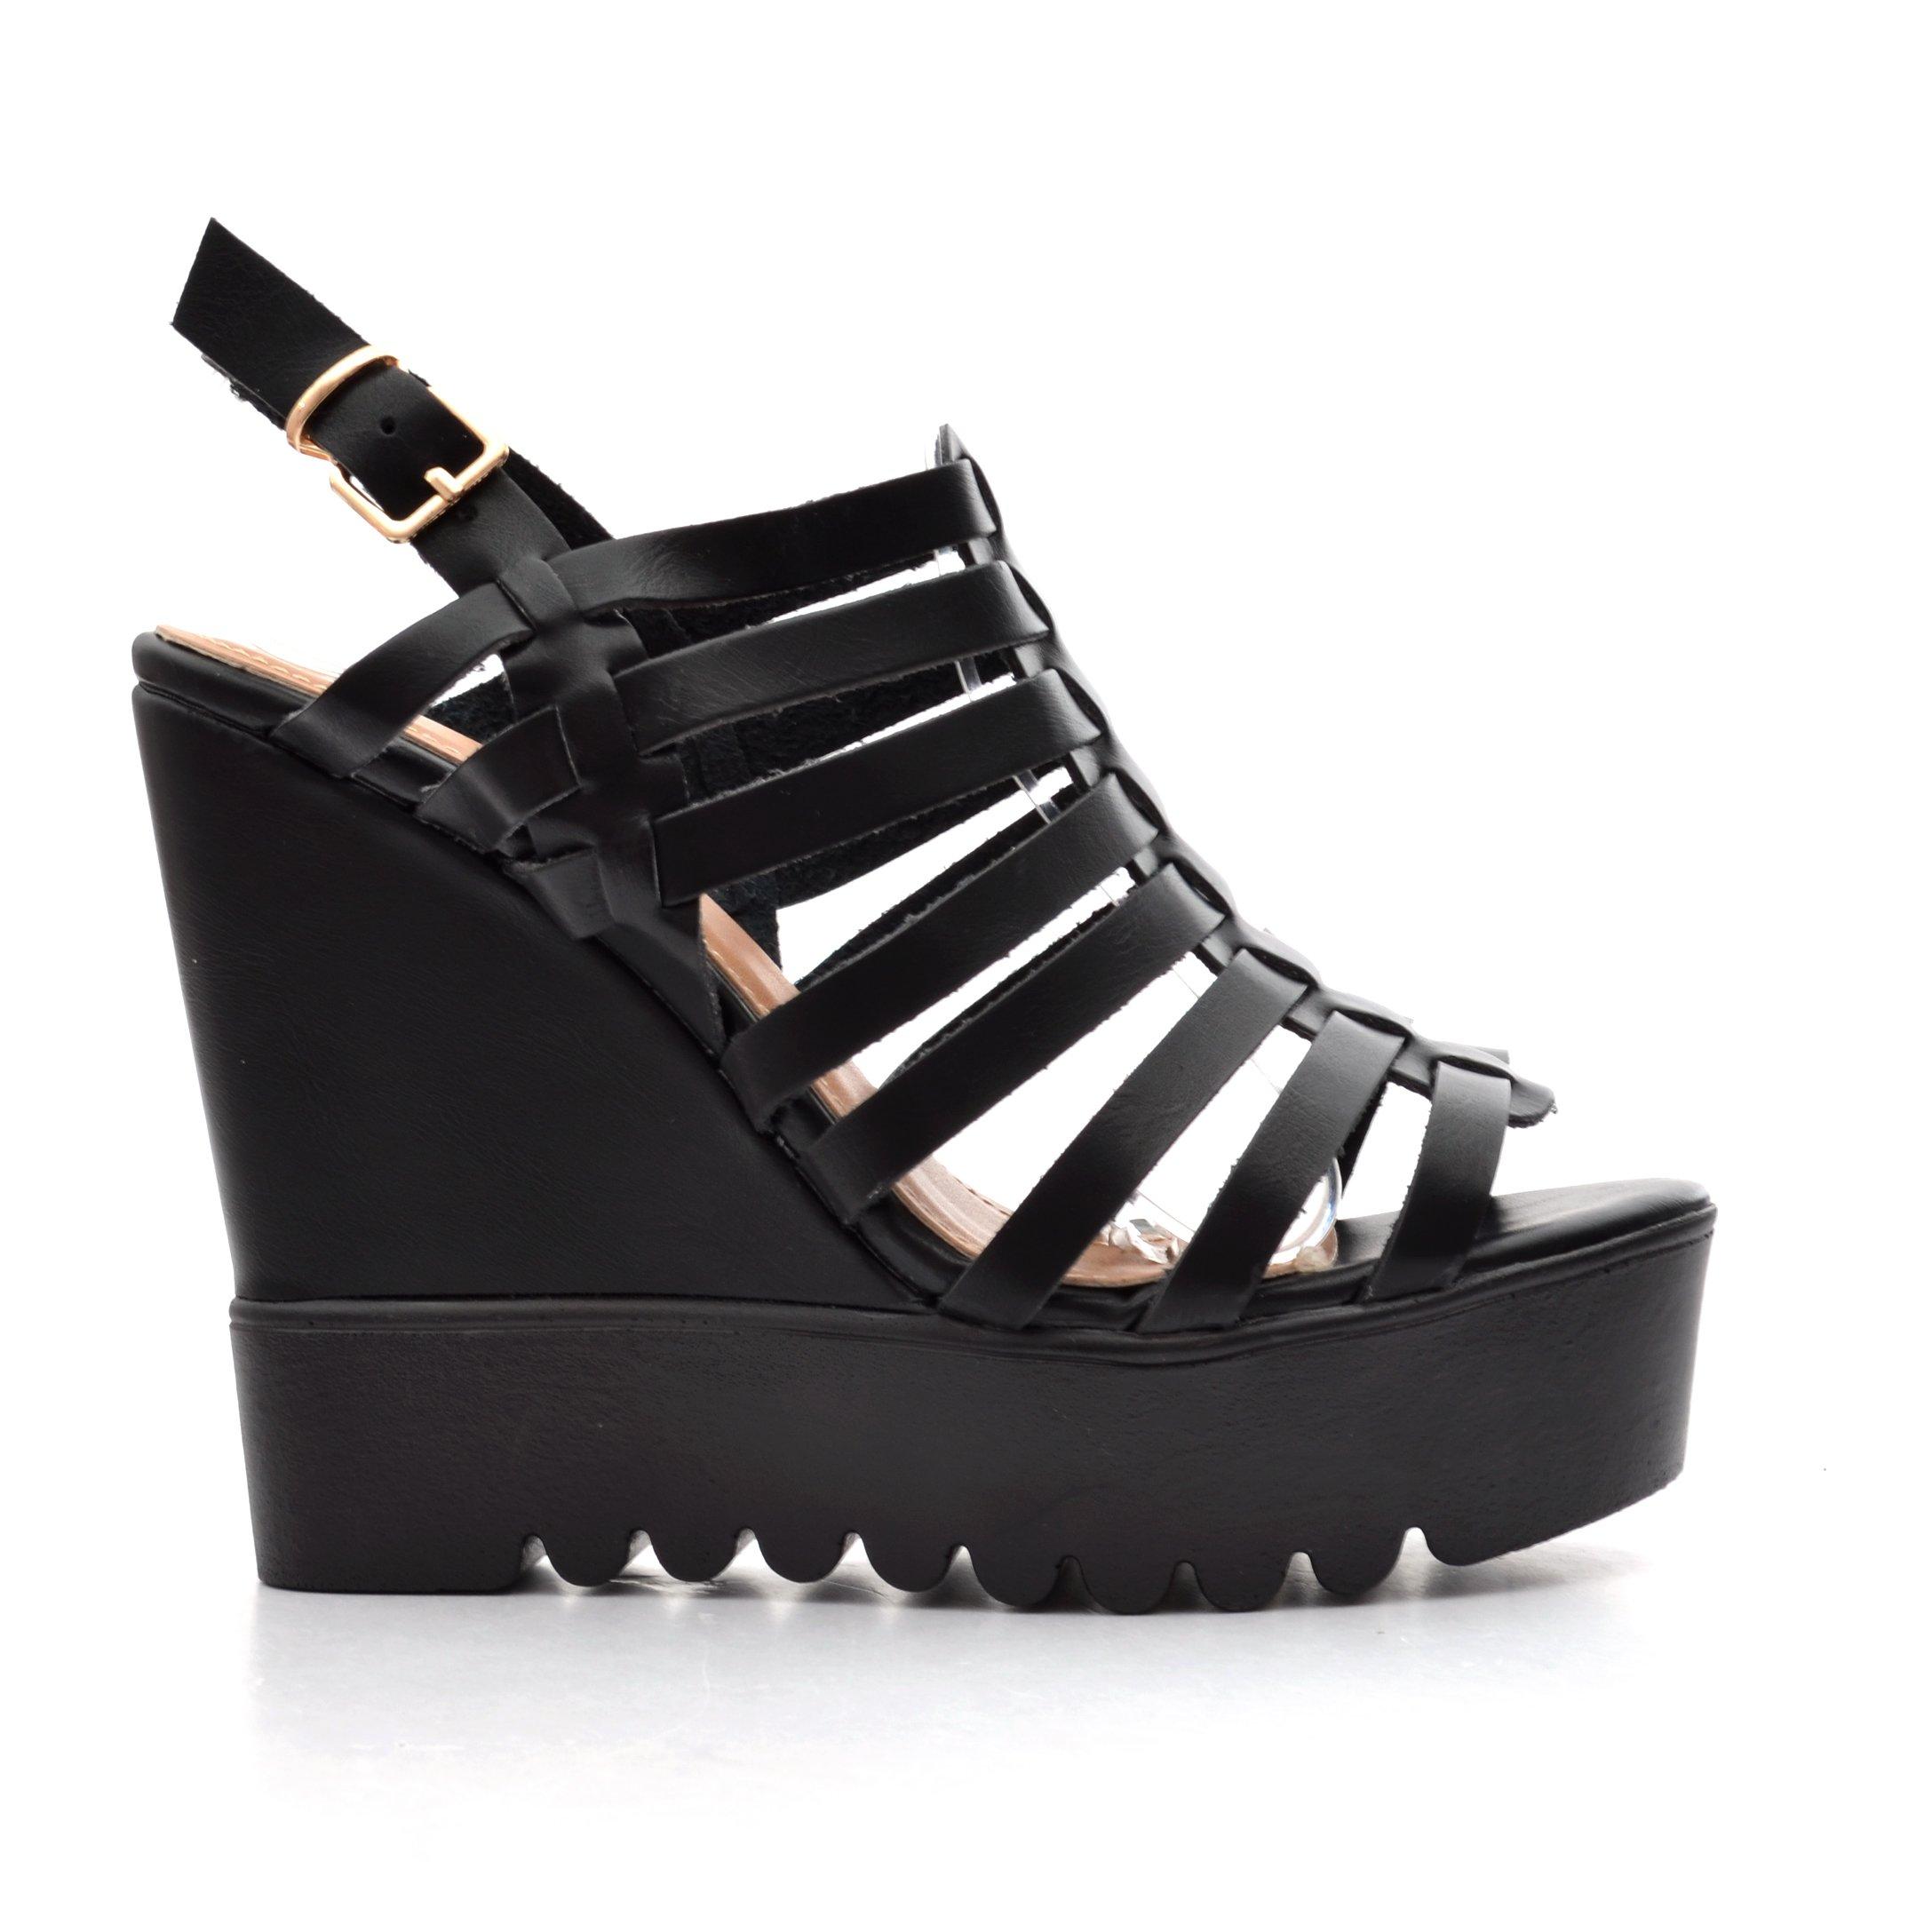 Sandale dama Lizette negre